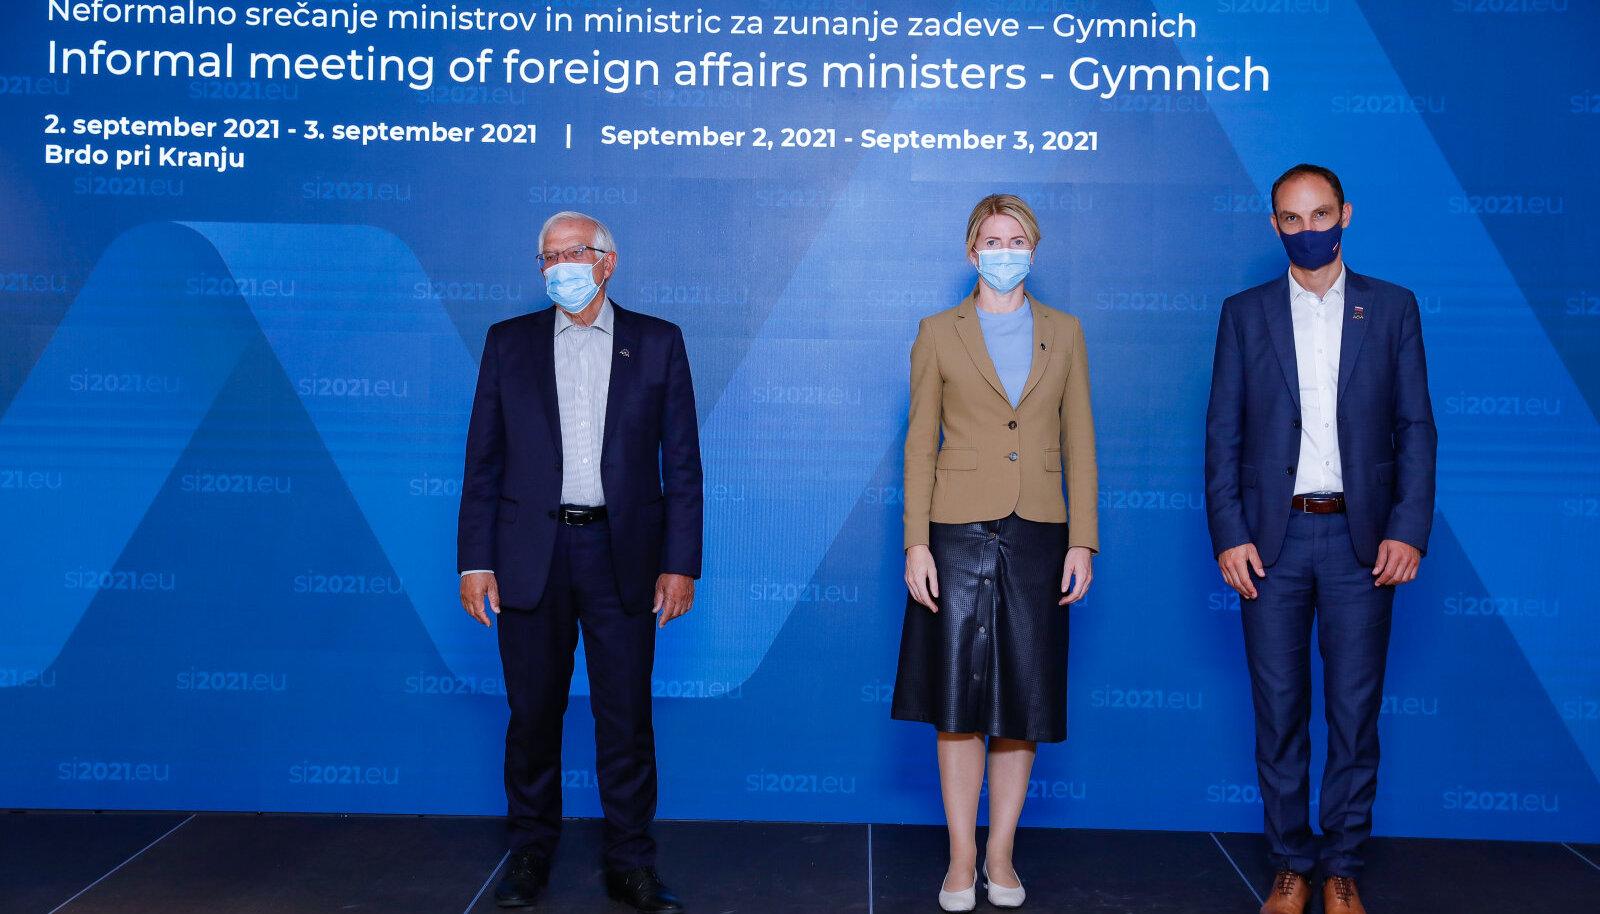 Tänasel mitteametlikul EL-i riikide välisministrite kohtumisel lepiti kokku Talibaniga suhtlemise plaanis. Vasakul Josep Borrell (EL-i välisasjade kõrge esindaja), keskel Eva-Maria Liimets (Eesti välisminister), paremal Anže Logar (Sloveenia välisminister).